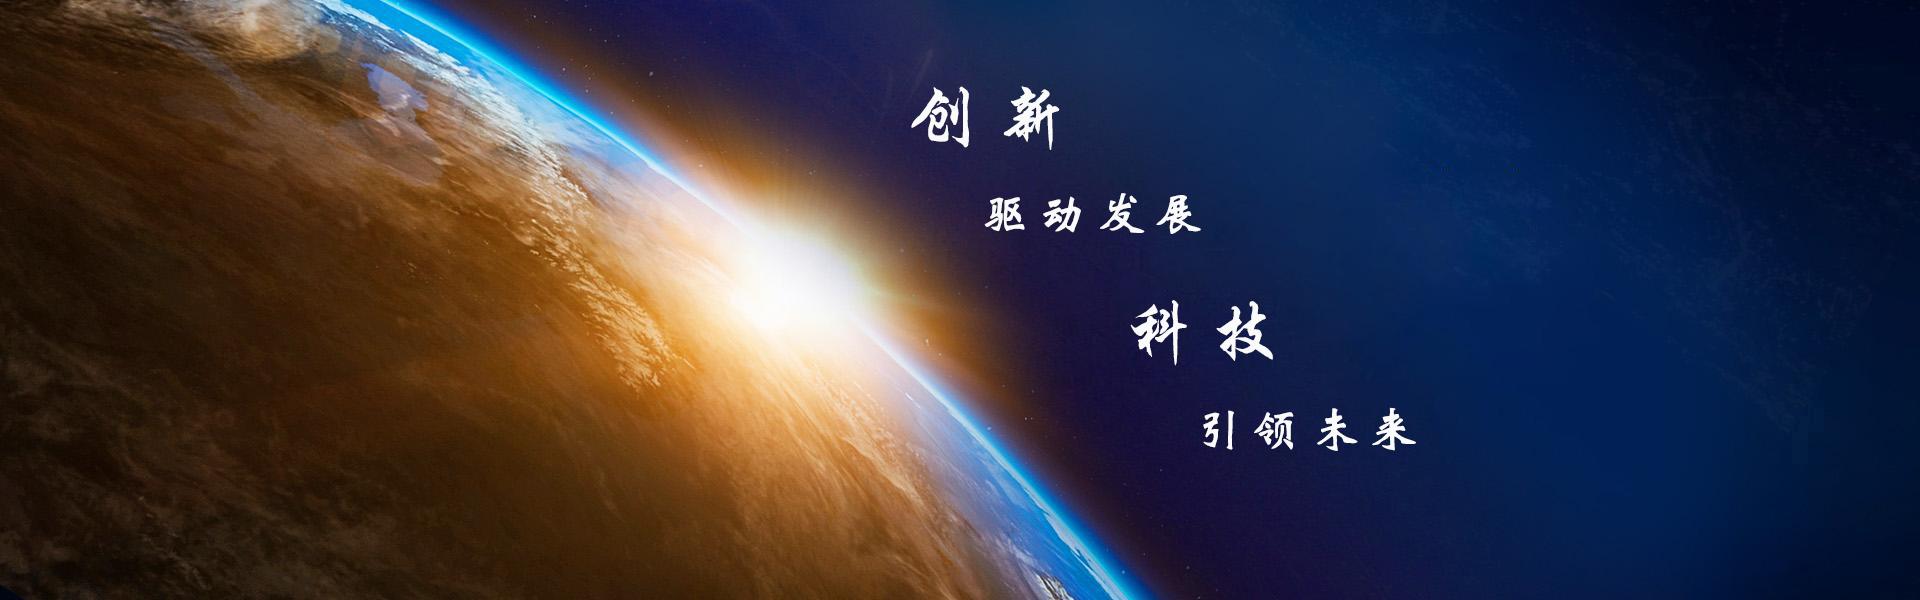 long8_龙8国际亚洲官网_龙8国际官网首页